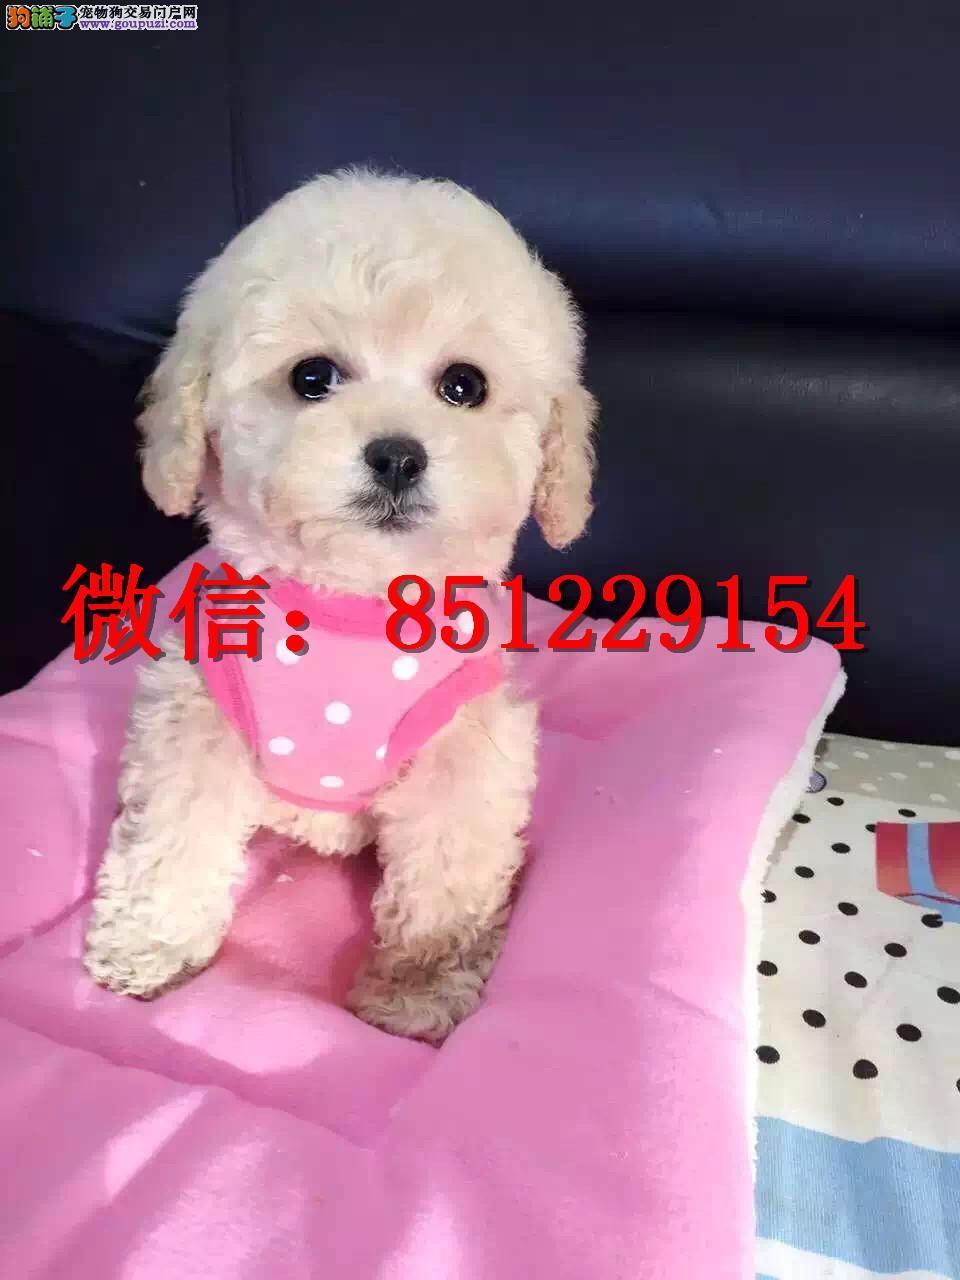 赣州哪里卖泰迪熊 纯种泰迪犬多少钱 茶杯泰迪幼犬